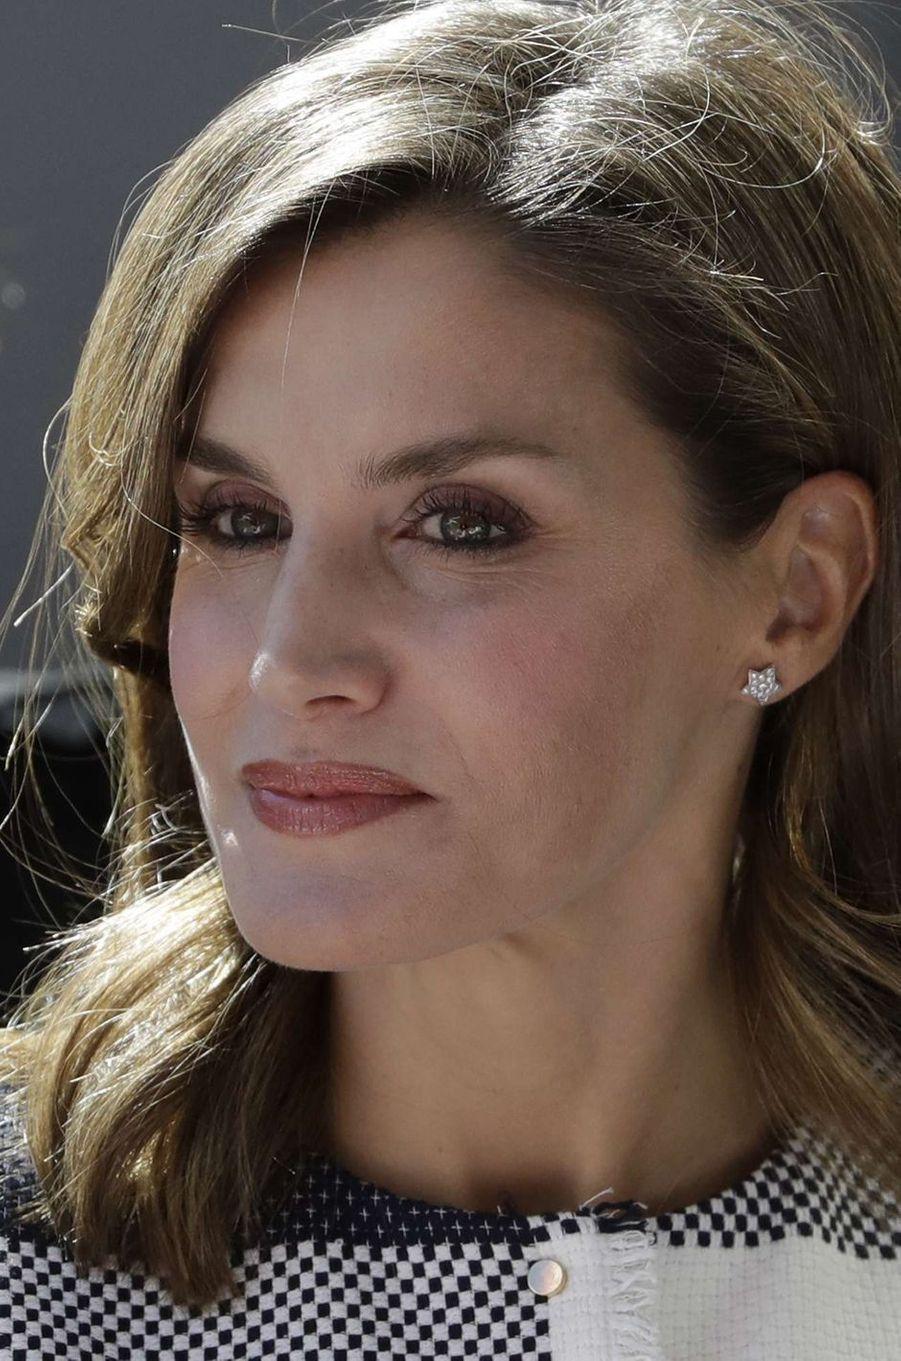 La reine Letizia d'Espagne au Mexique, le 13 novembre 2017